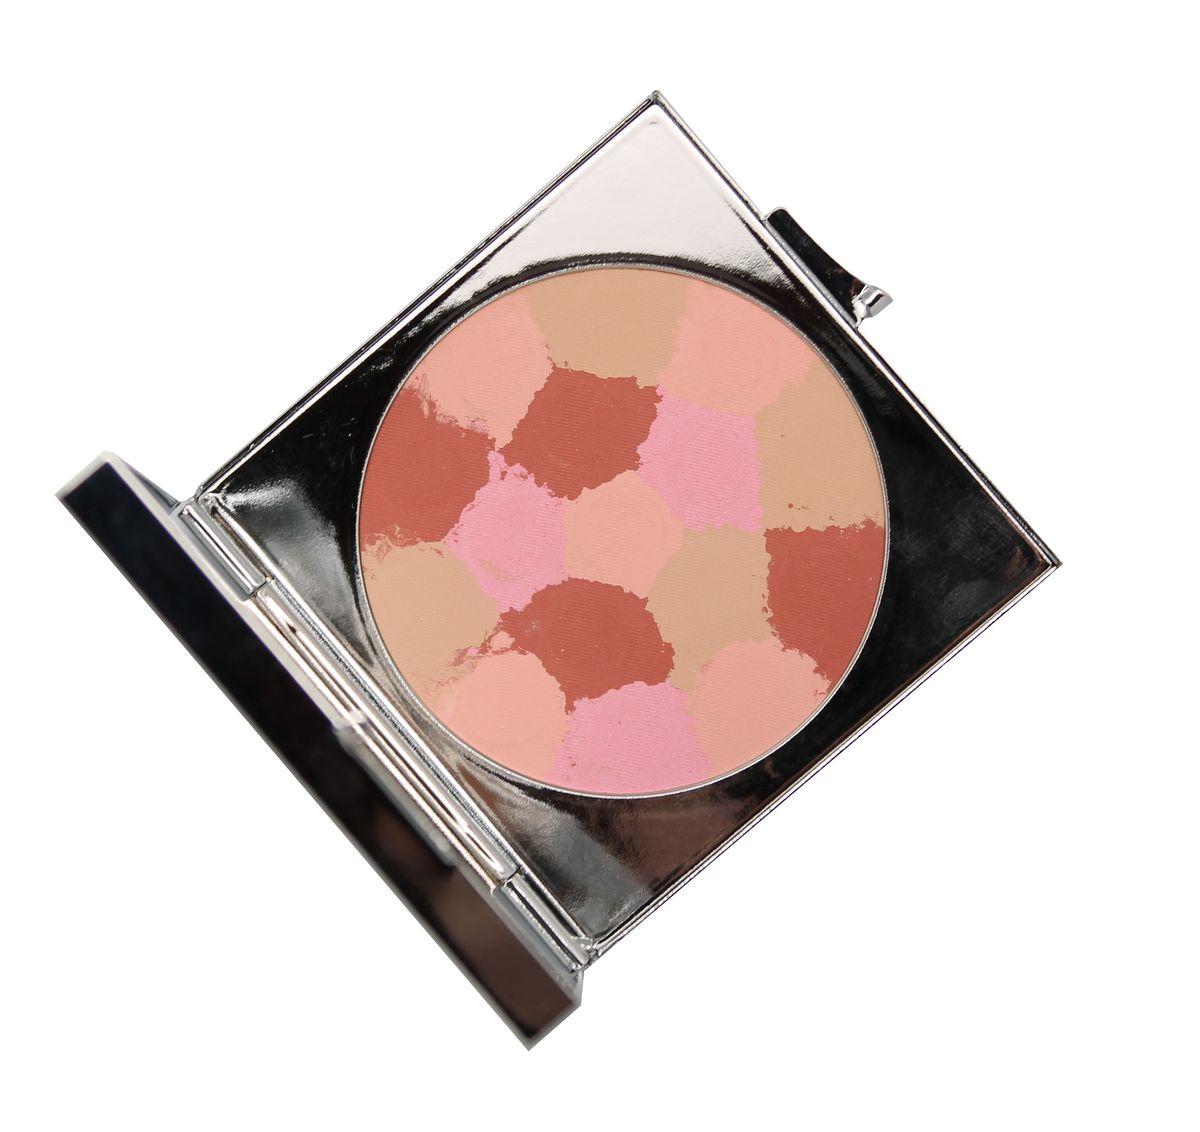 Yllozure Румяна Muiti Colour, тон 22, 10 г3822Cмешение четырех оттенков позволяет получить разные эффекты от макияжа. Румяна состоят из матовых и перламутровых оттенков с корректирующими и светоусиливающими свойствами, придают сияние коже любого типа: розовый освежает цвет лица, сиреневый нейтрализует любые несовершенства кожи желтого и коричневого оттенков: веснушки, пигментные и родимые пятна. Белый придает яркость, лиловый улавливает свет, золотистый и перламутровый придают коже